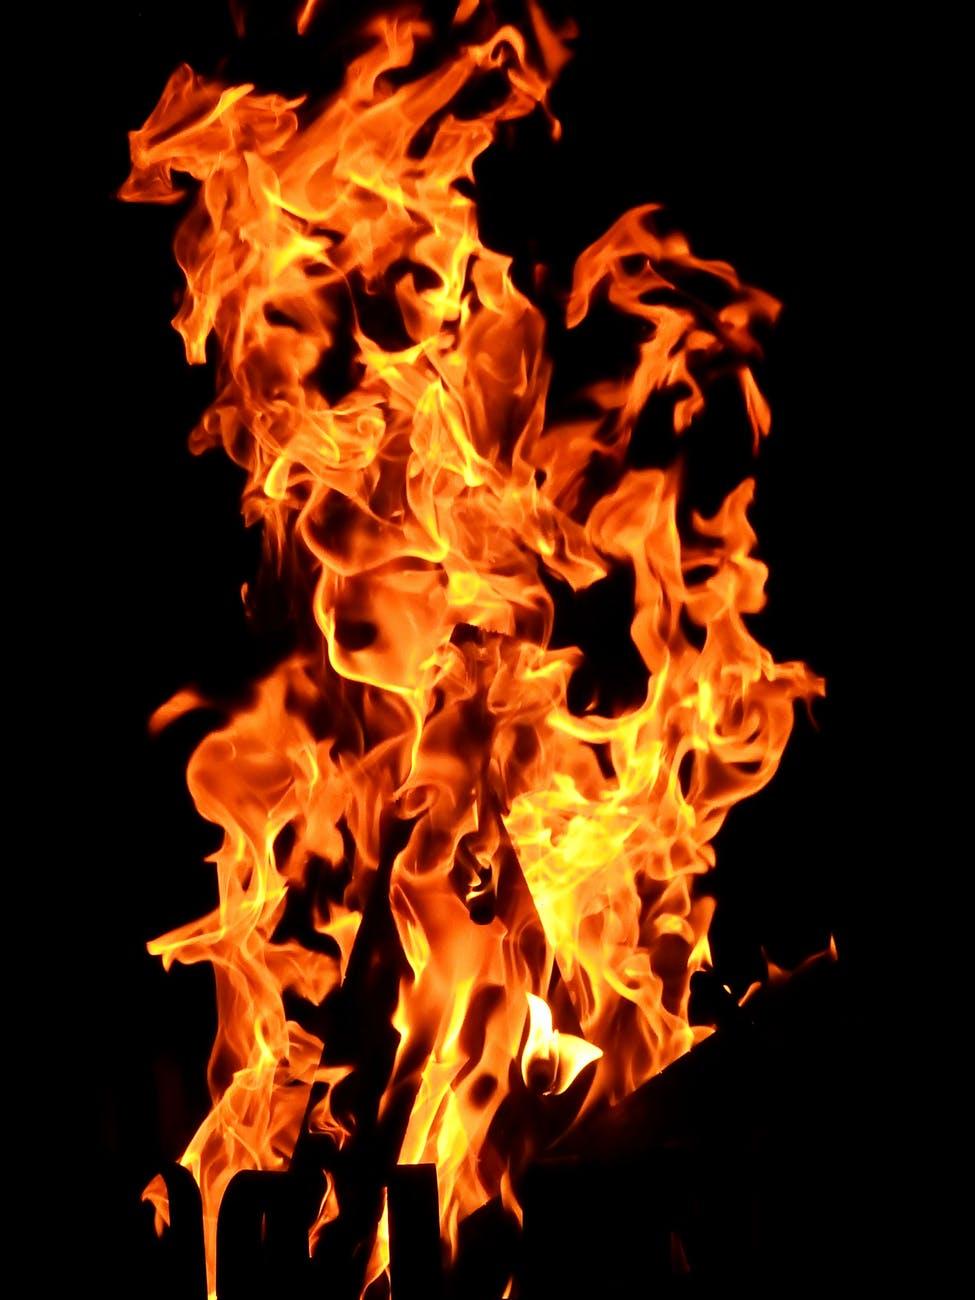 O fogo é um elemento importante nos rituais milenares de solstício de verão